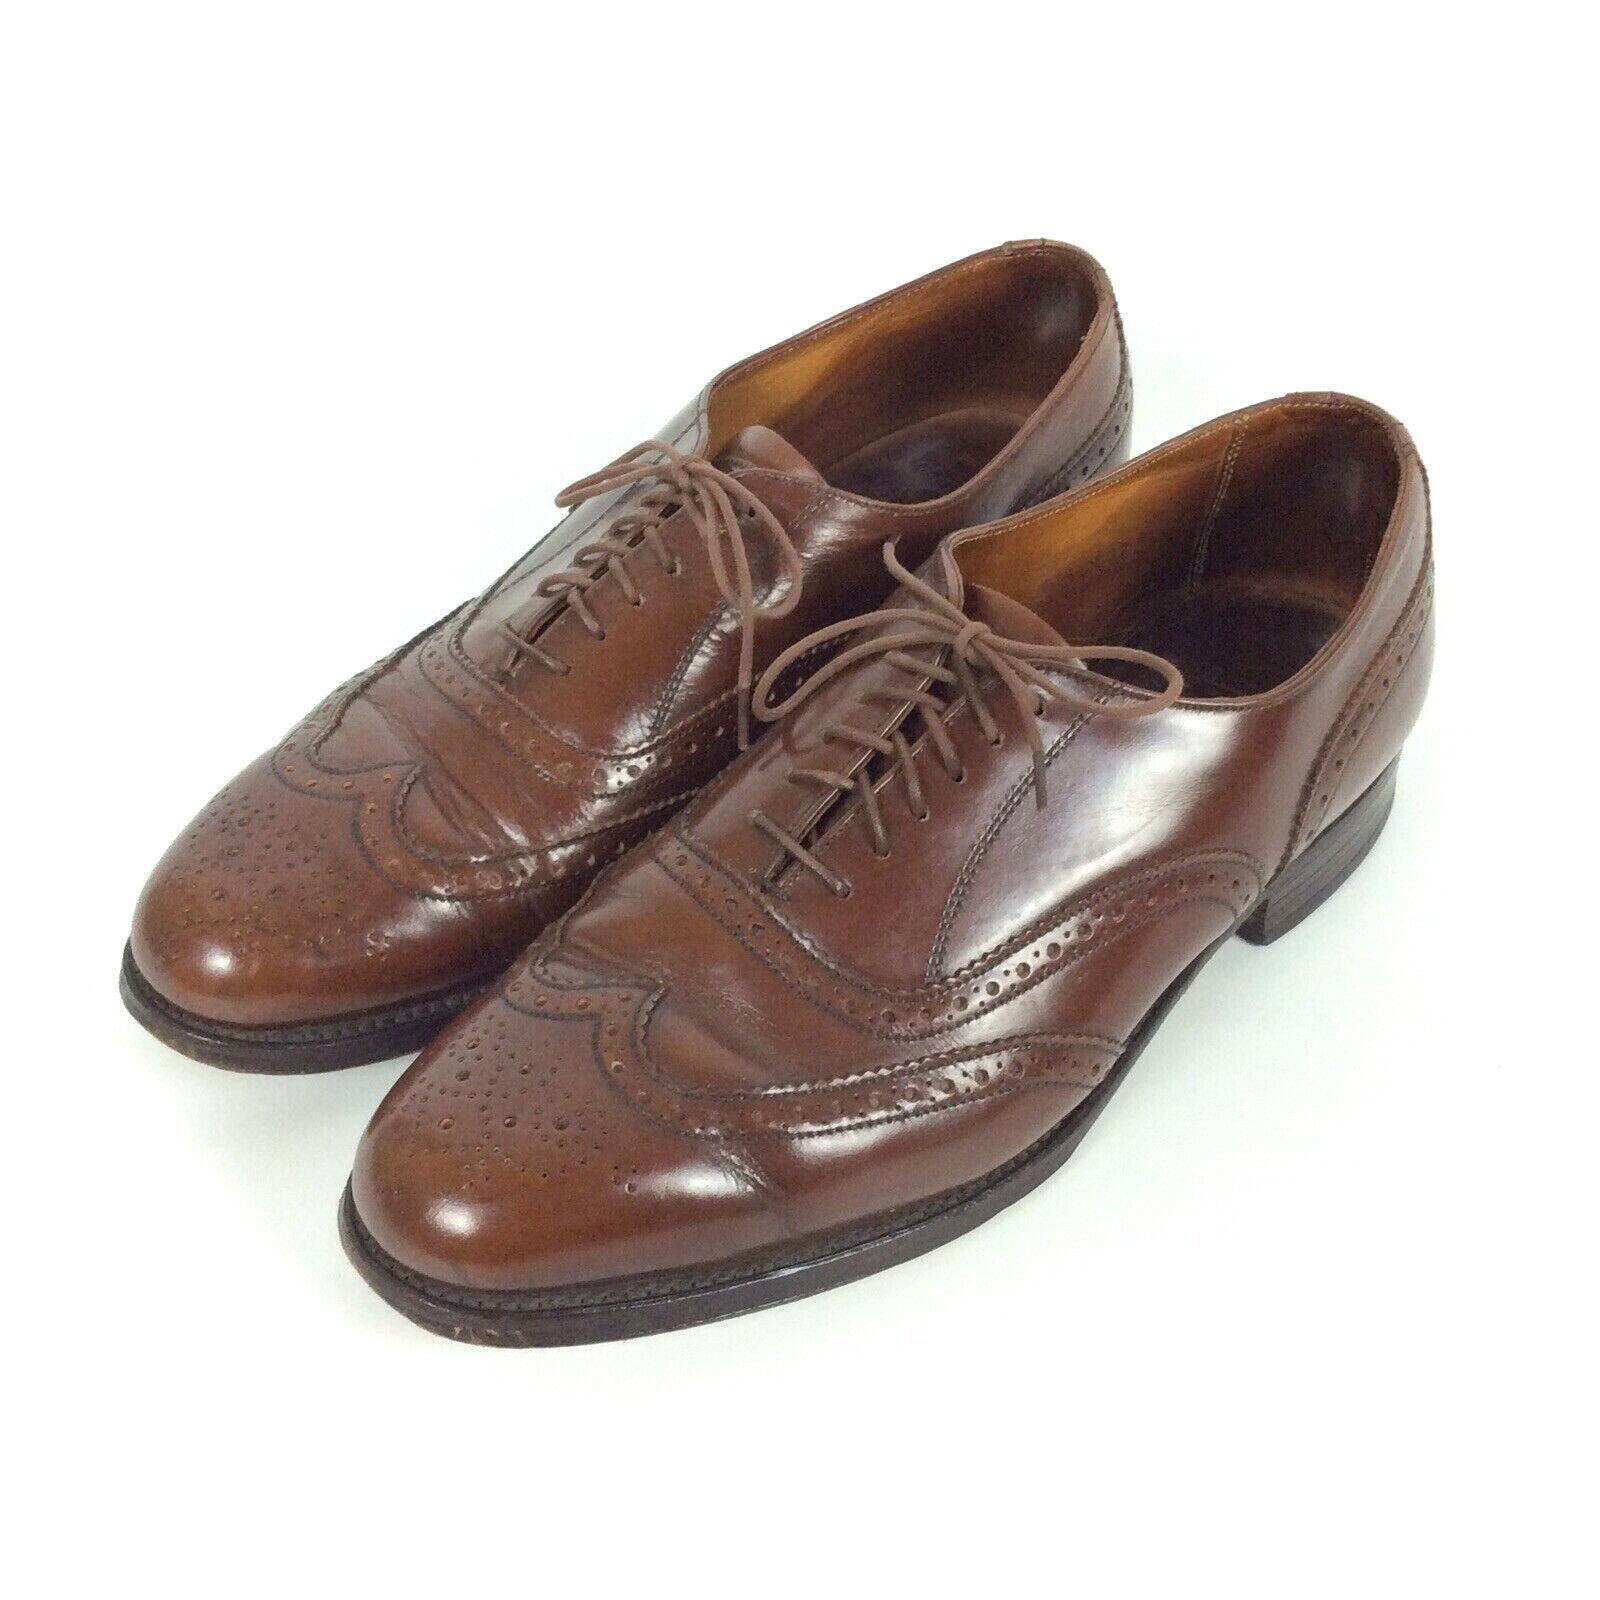 Royal Windsor Grenson nos 9.5 D Marrón Cuero Calado Oxford Zapatos extremos del ala